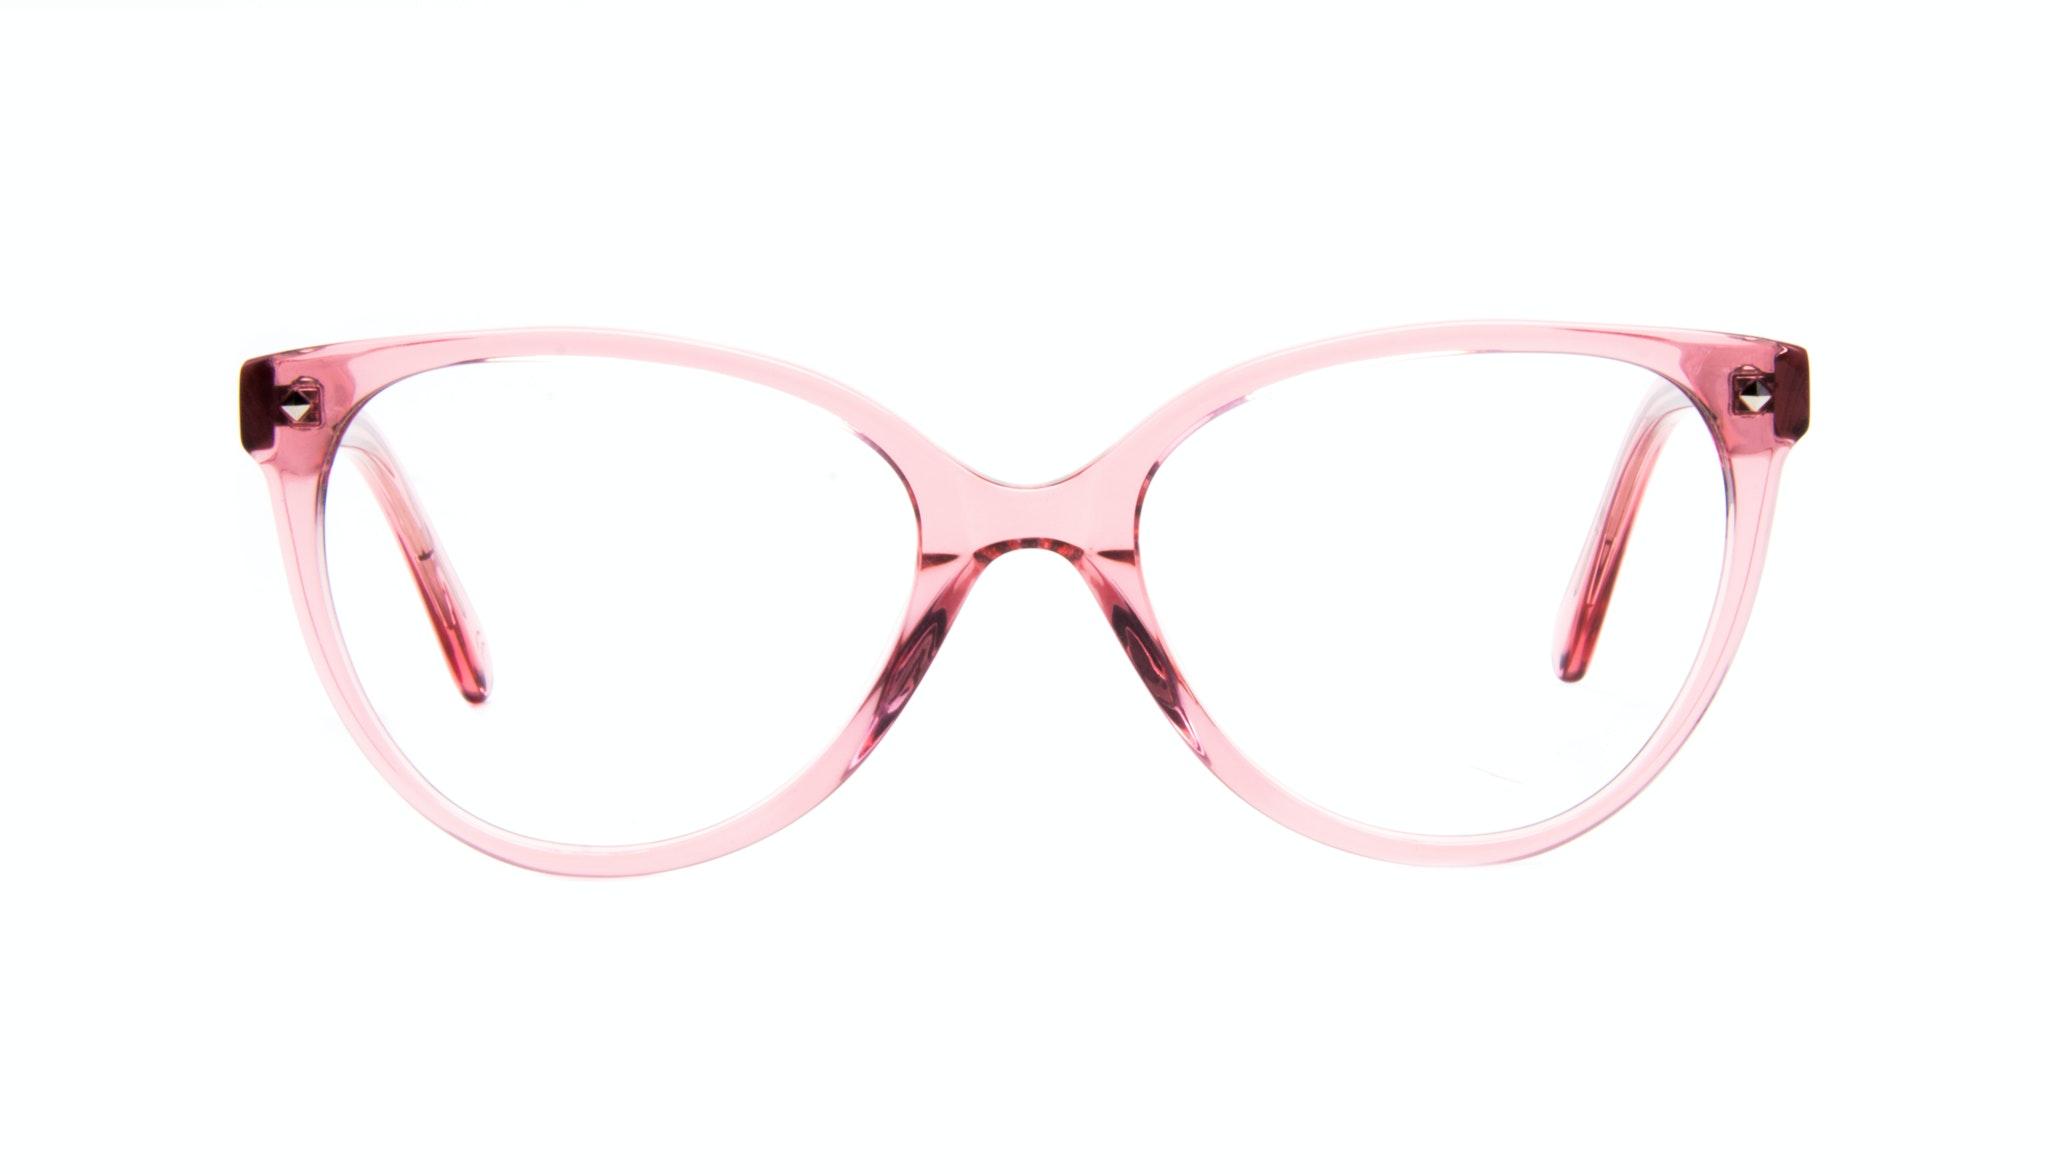 Lunettes tendance Oeil de chat Optiques Femmes Flawless Odyssey